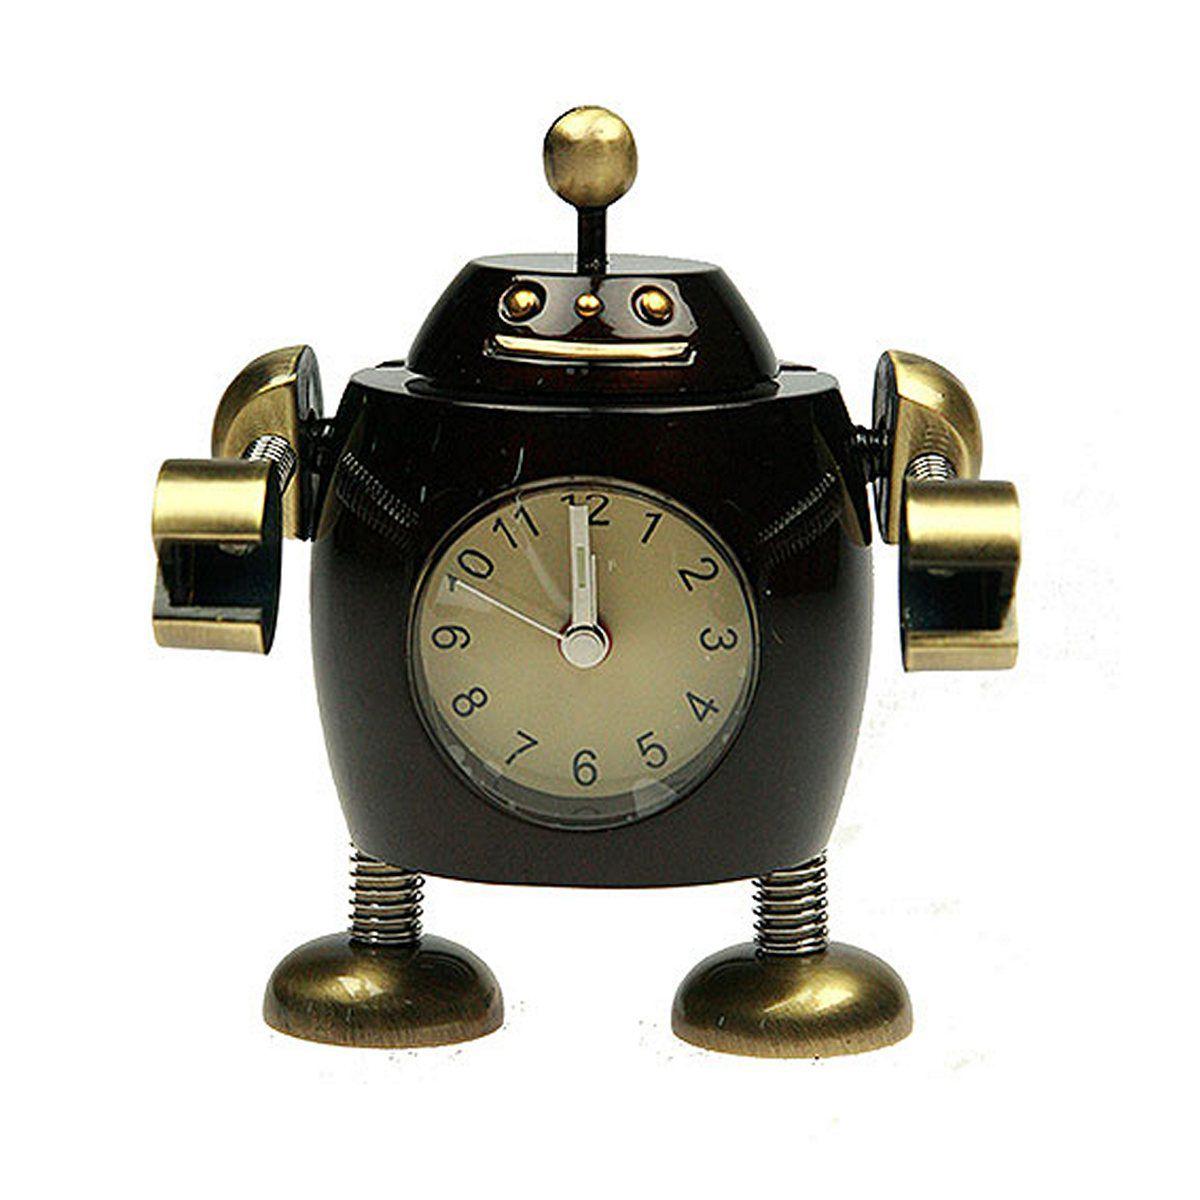 Часы настольные Русские Подарки Робот. 2243322433Настольные кварцевые часы Русские Подарки Робот изготовлены из металла. Изделие оригинально оформлено в виде робота. Часы имеют три стрелки - часовую, минутную и секундную. Такие часы украсят интерьер дома или рабочий стол в офисе. Также часы могут стать уникальным, полезным подарком для родственников, коллег, знакомых и близких. Часы работают от батареек типа SR626 (в комплект не входят).